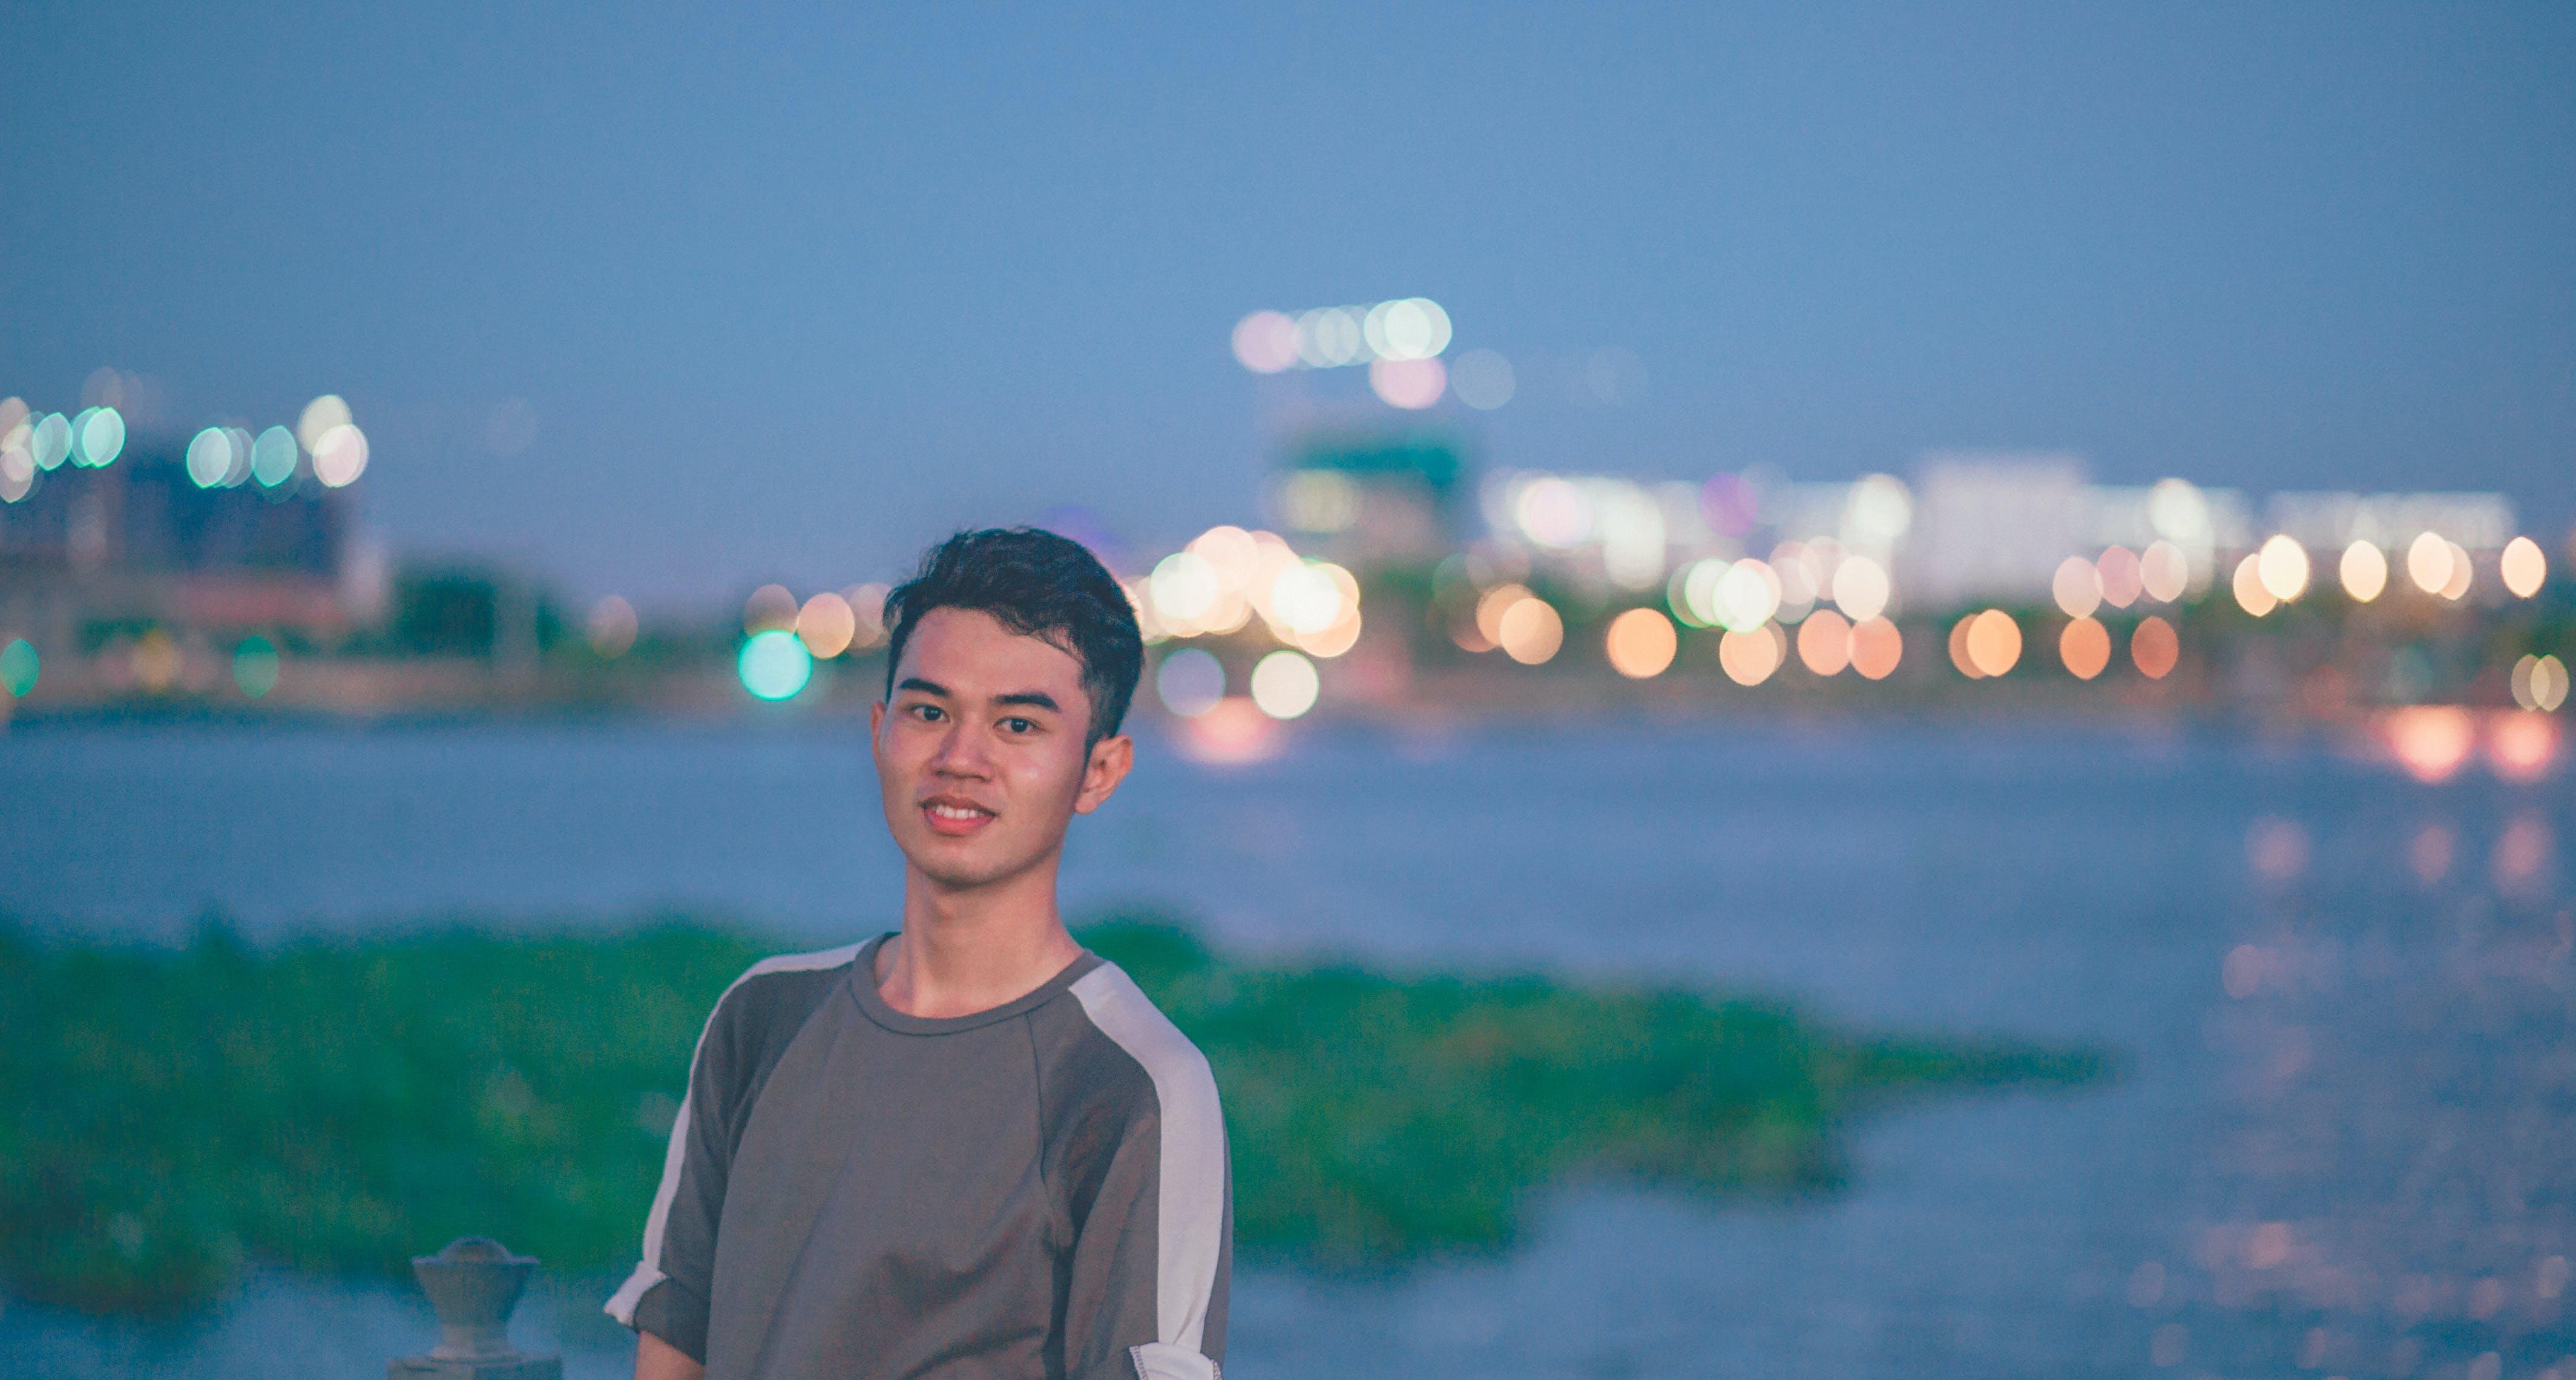 Kostenloses Stock Foto zu asiatische person, asiatischer junge, asiatischer mann, fashion